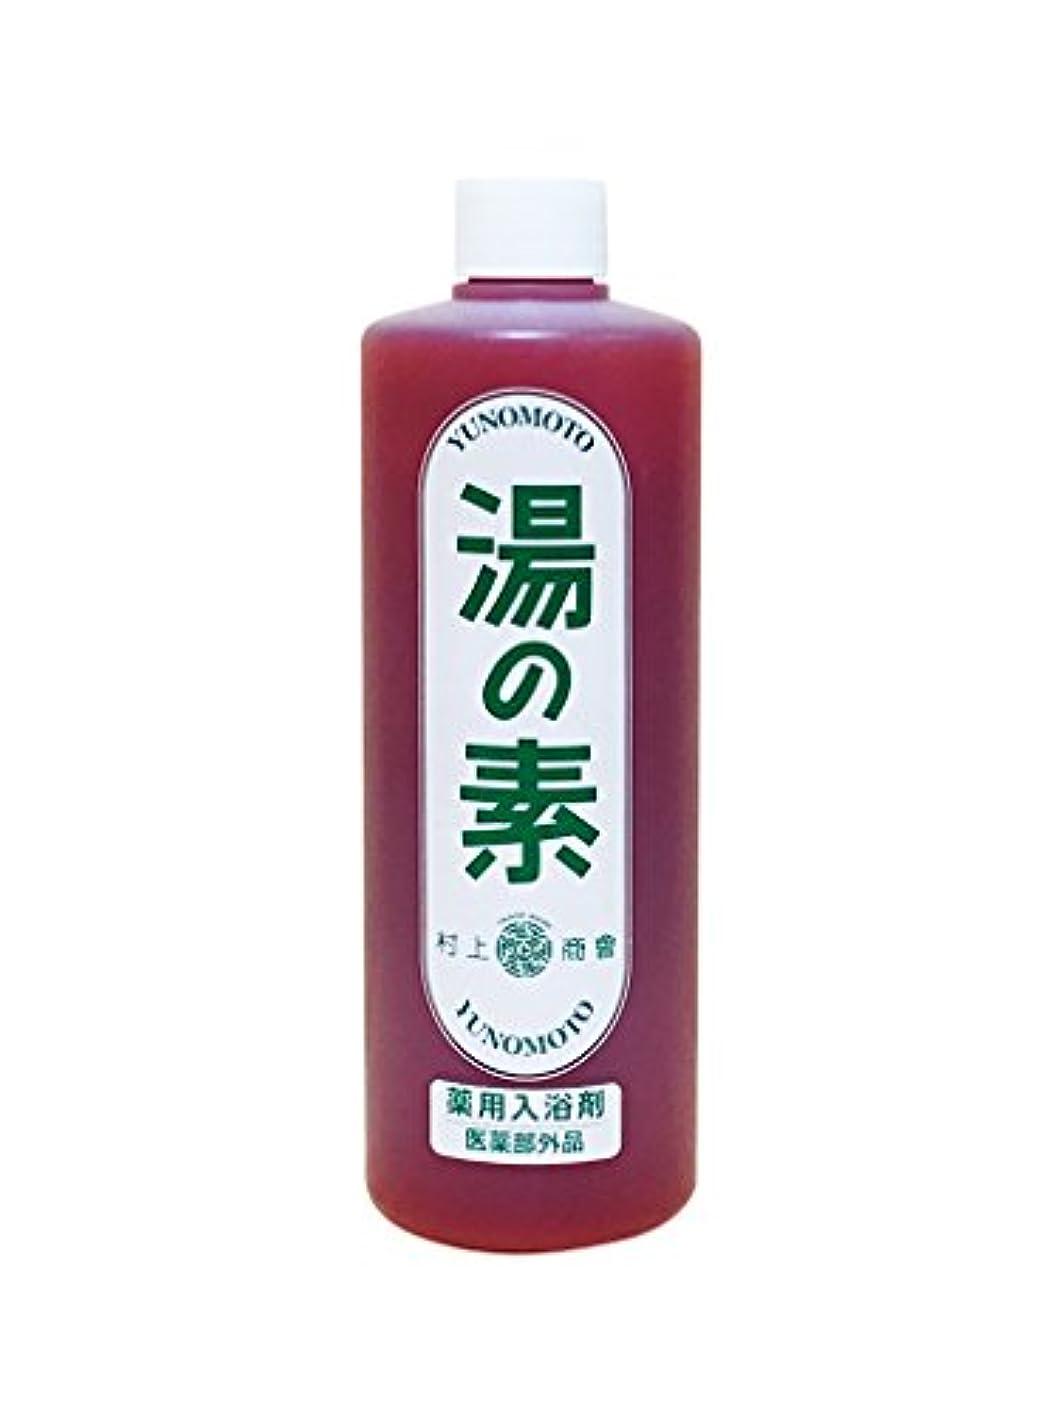 検証シルク怒り硫黄乳白色湯 湯の素 薬用入浴剤 (医薬部外品) 490g